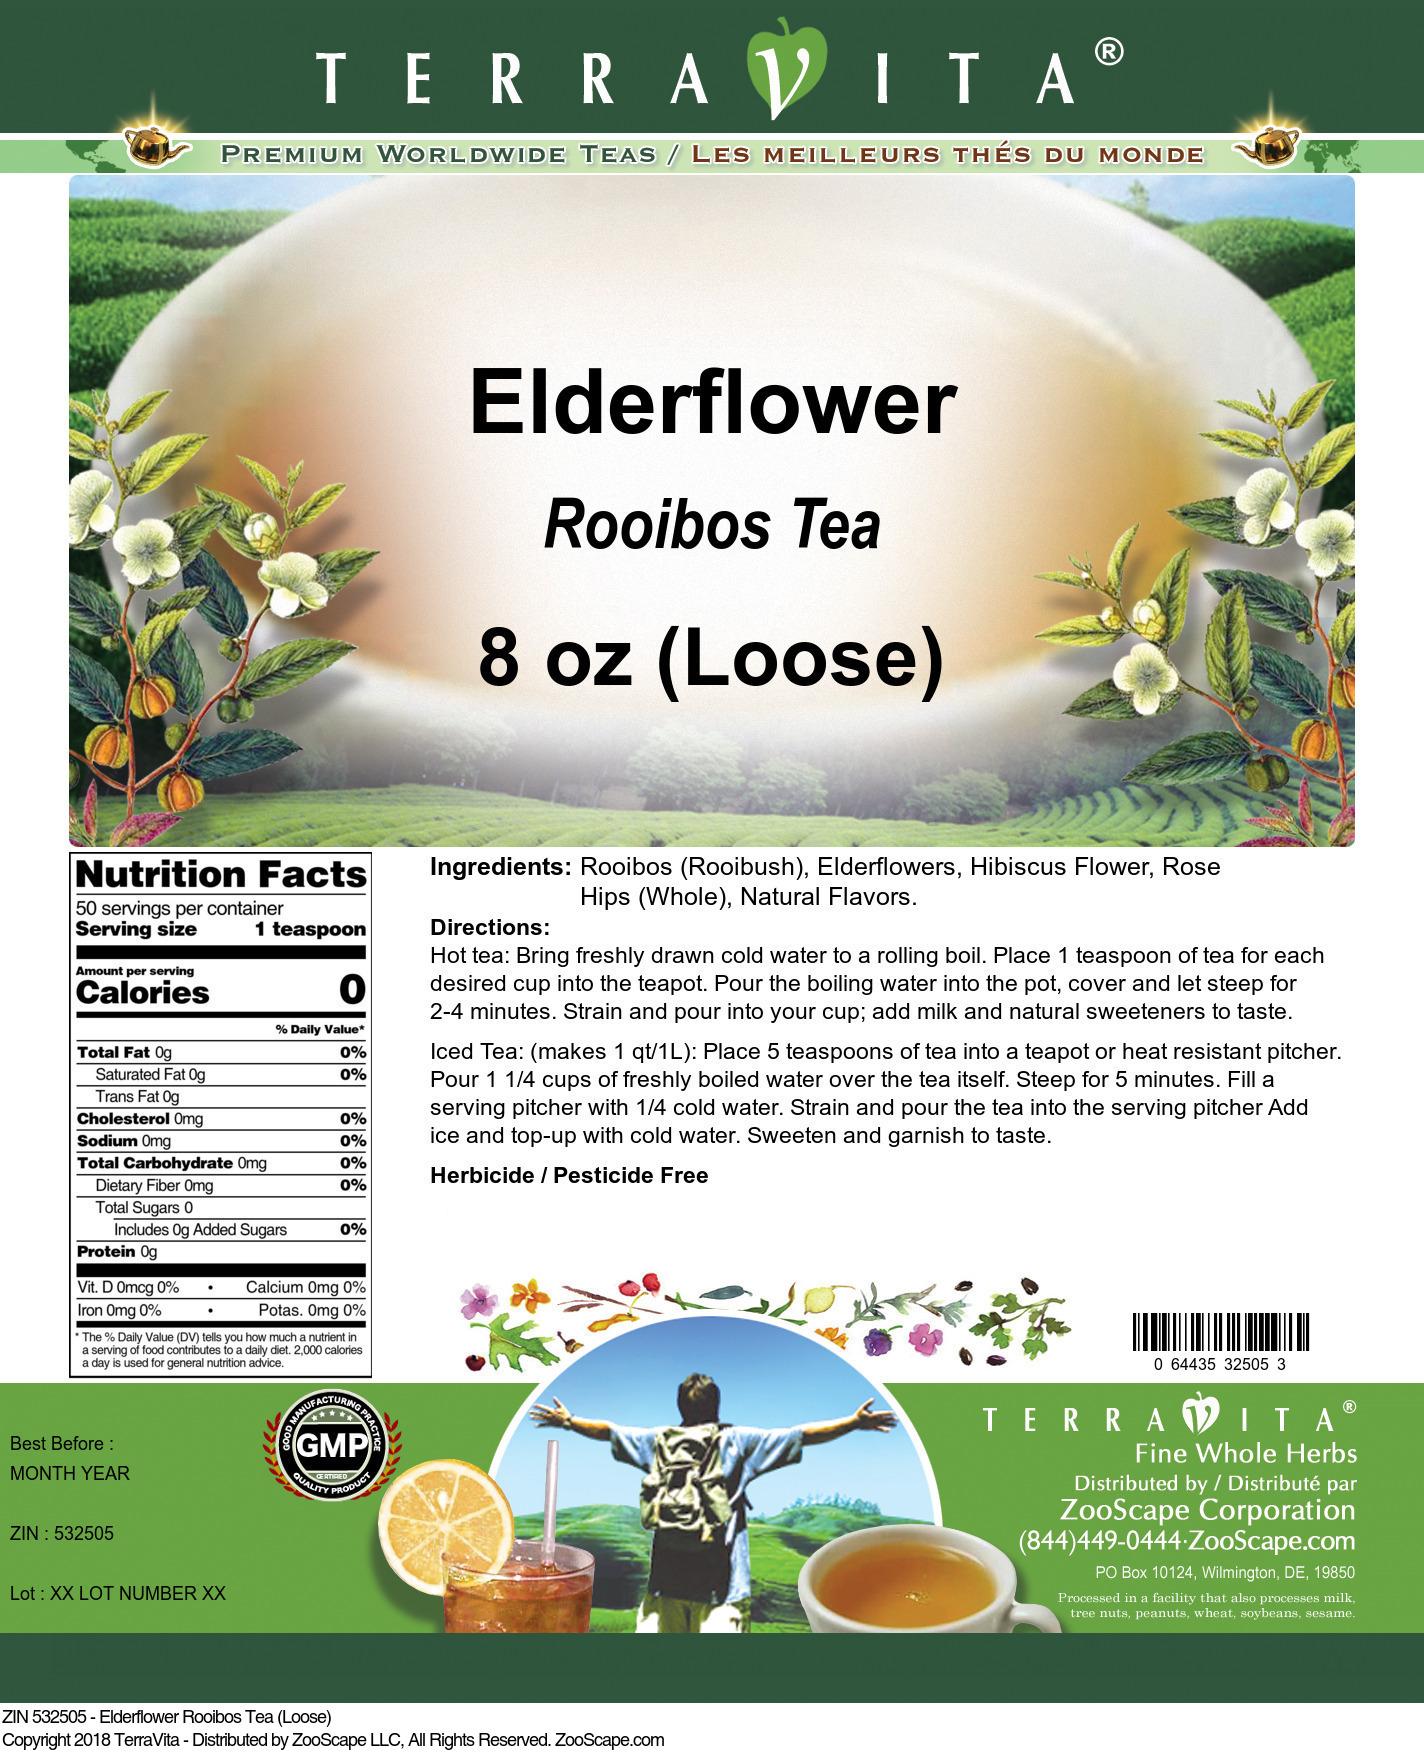 Elderflower Rooibos Tea (Loose)